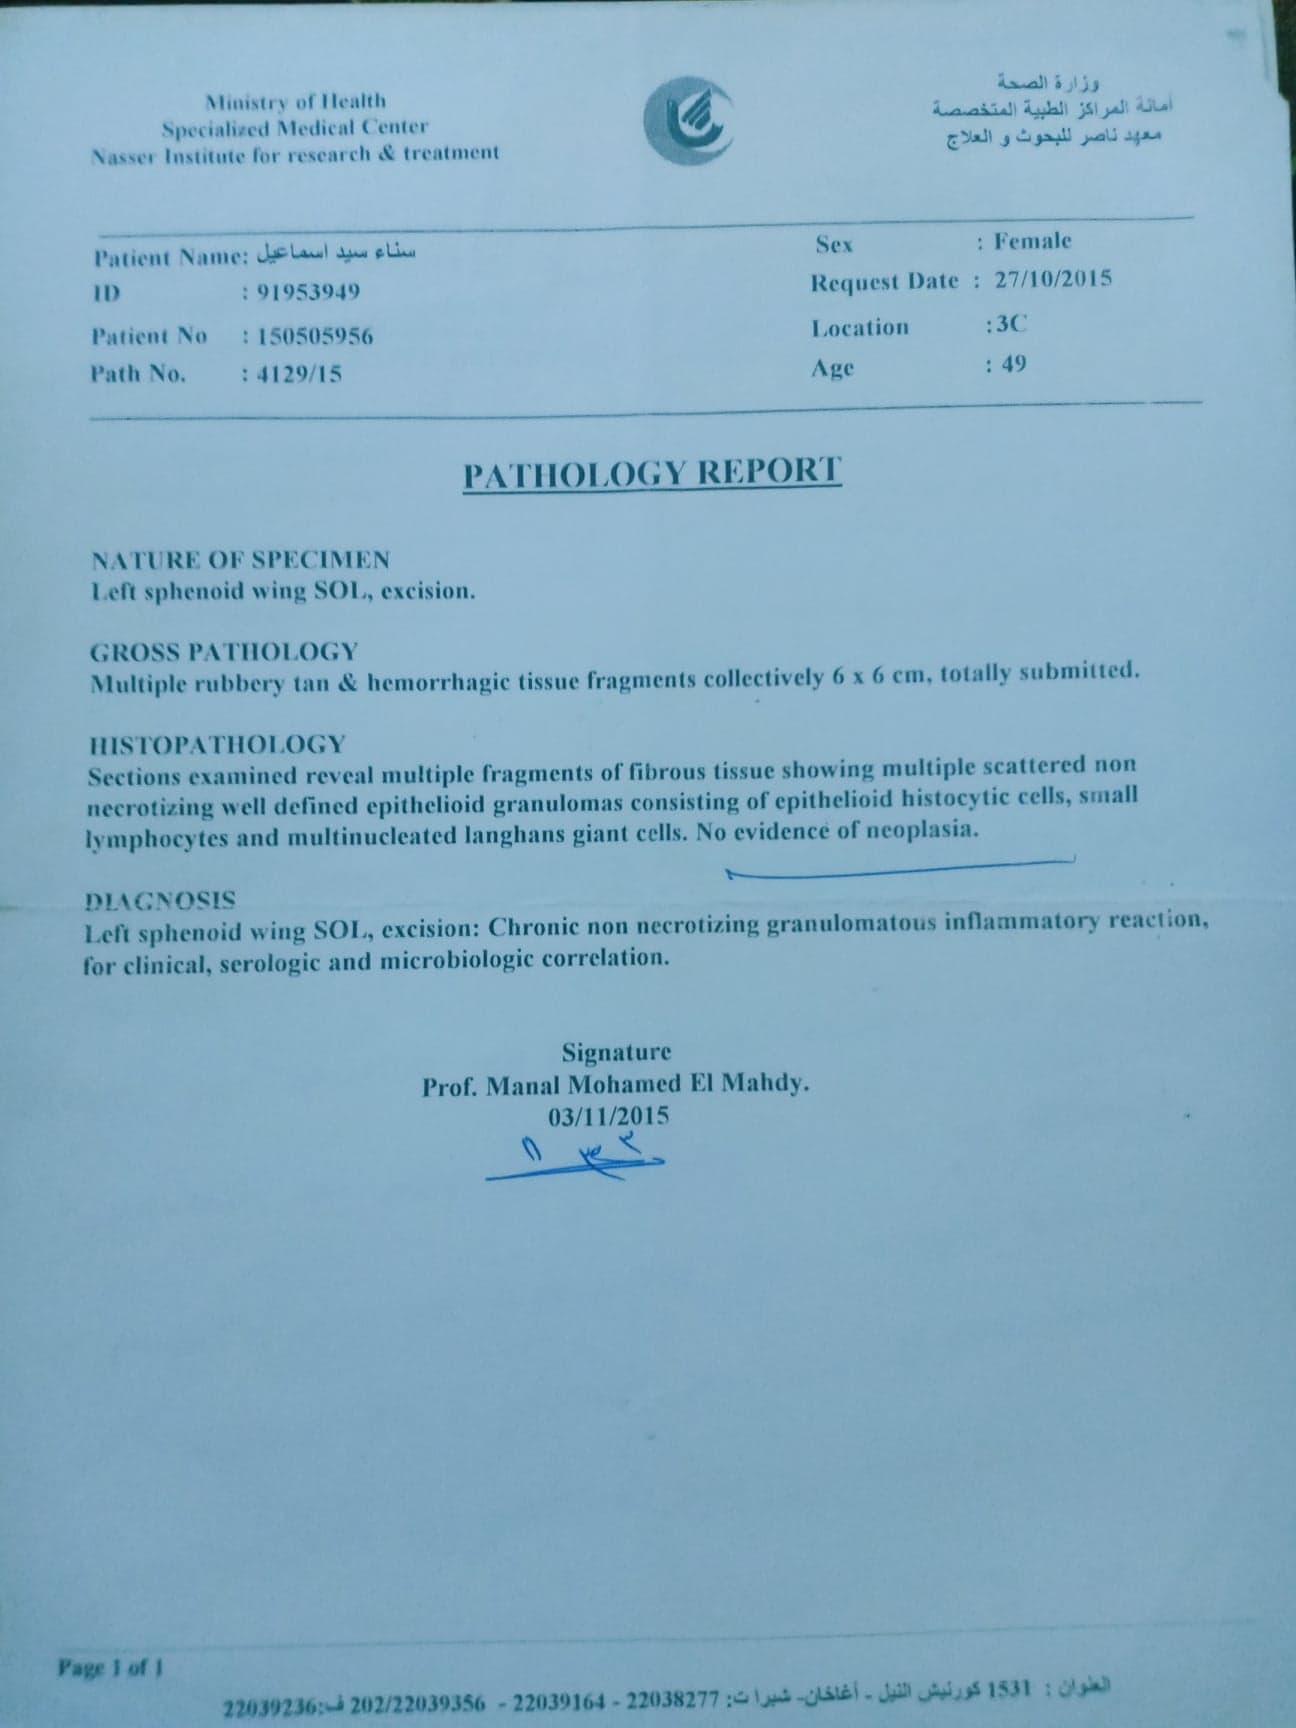 تقارير طبيه (3)